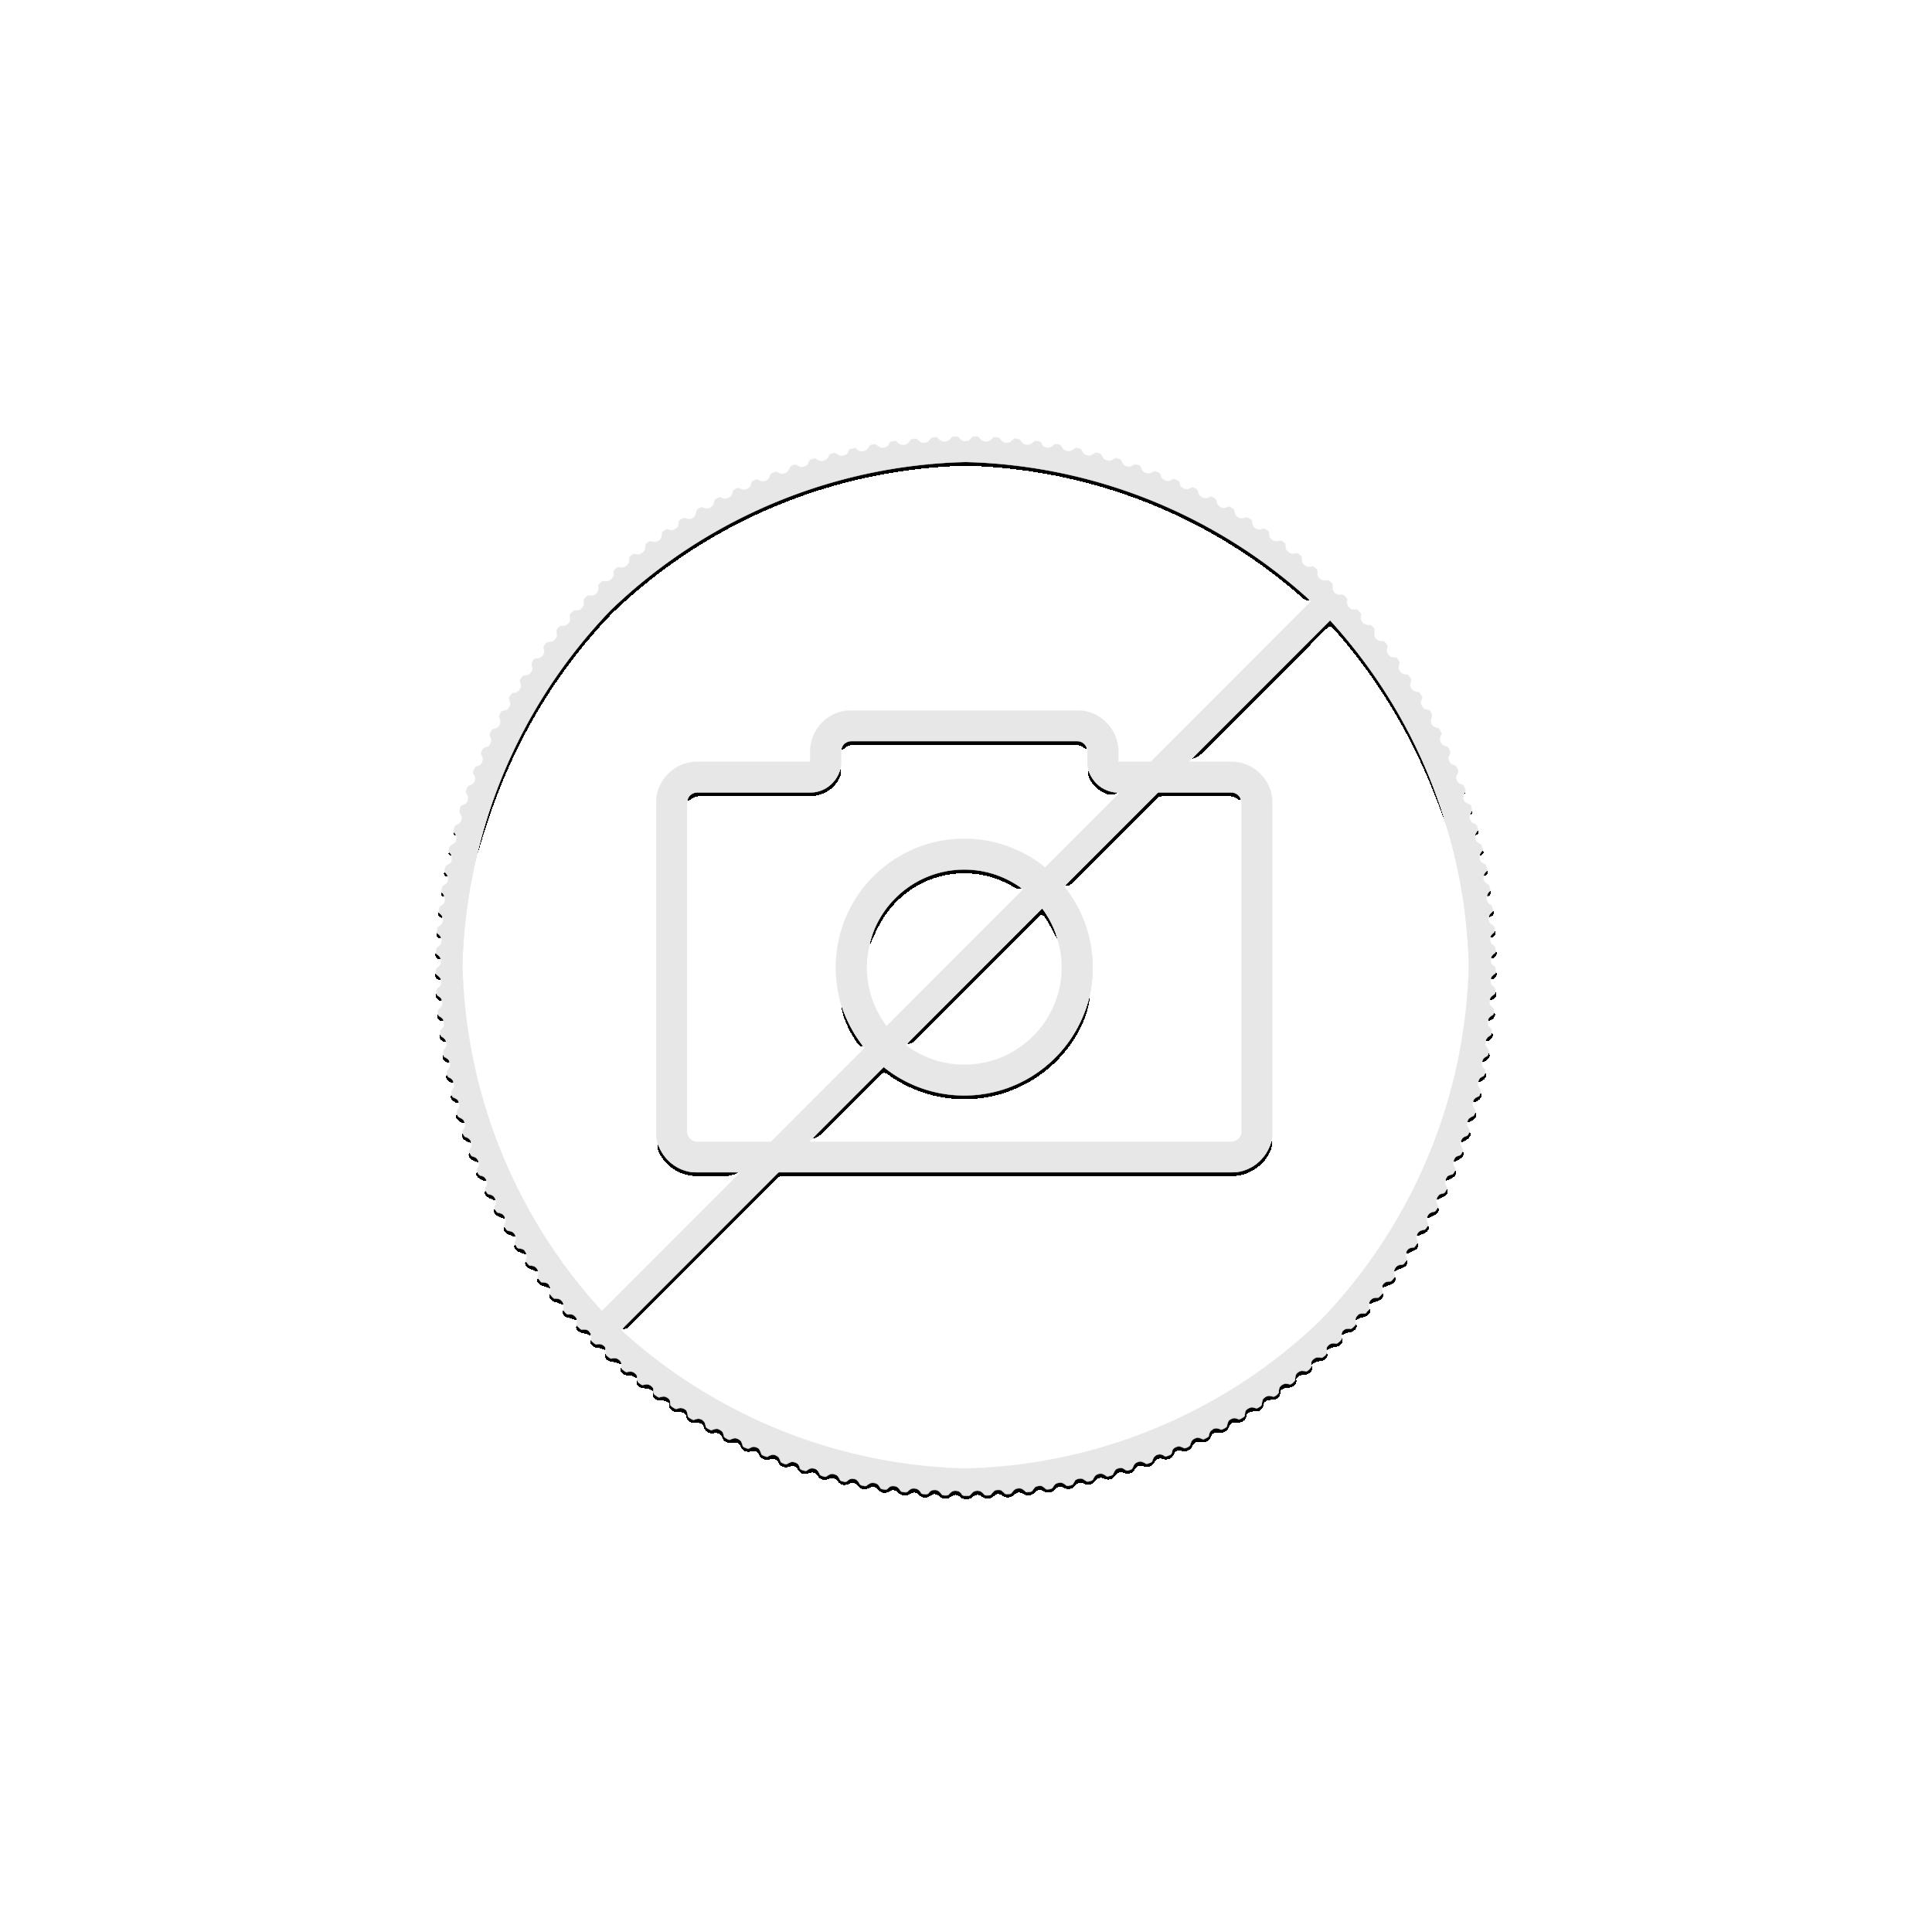 1 troy ounce zilveren munt gouden holo serie Maple Leaf 2021